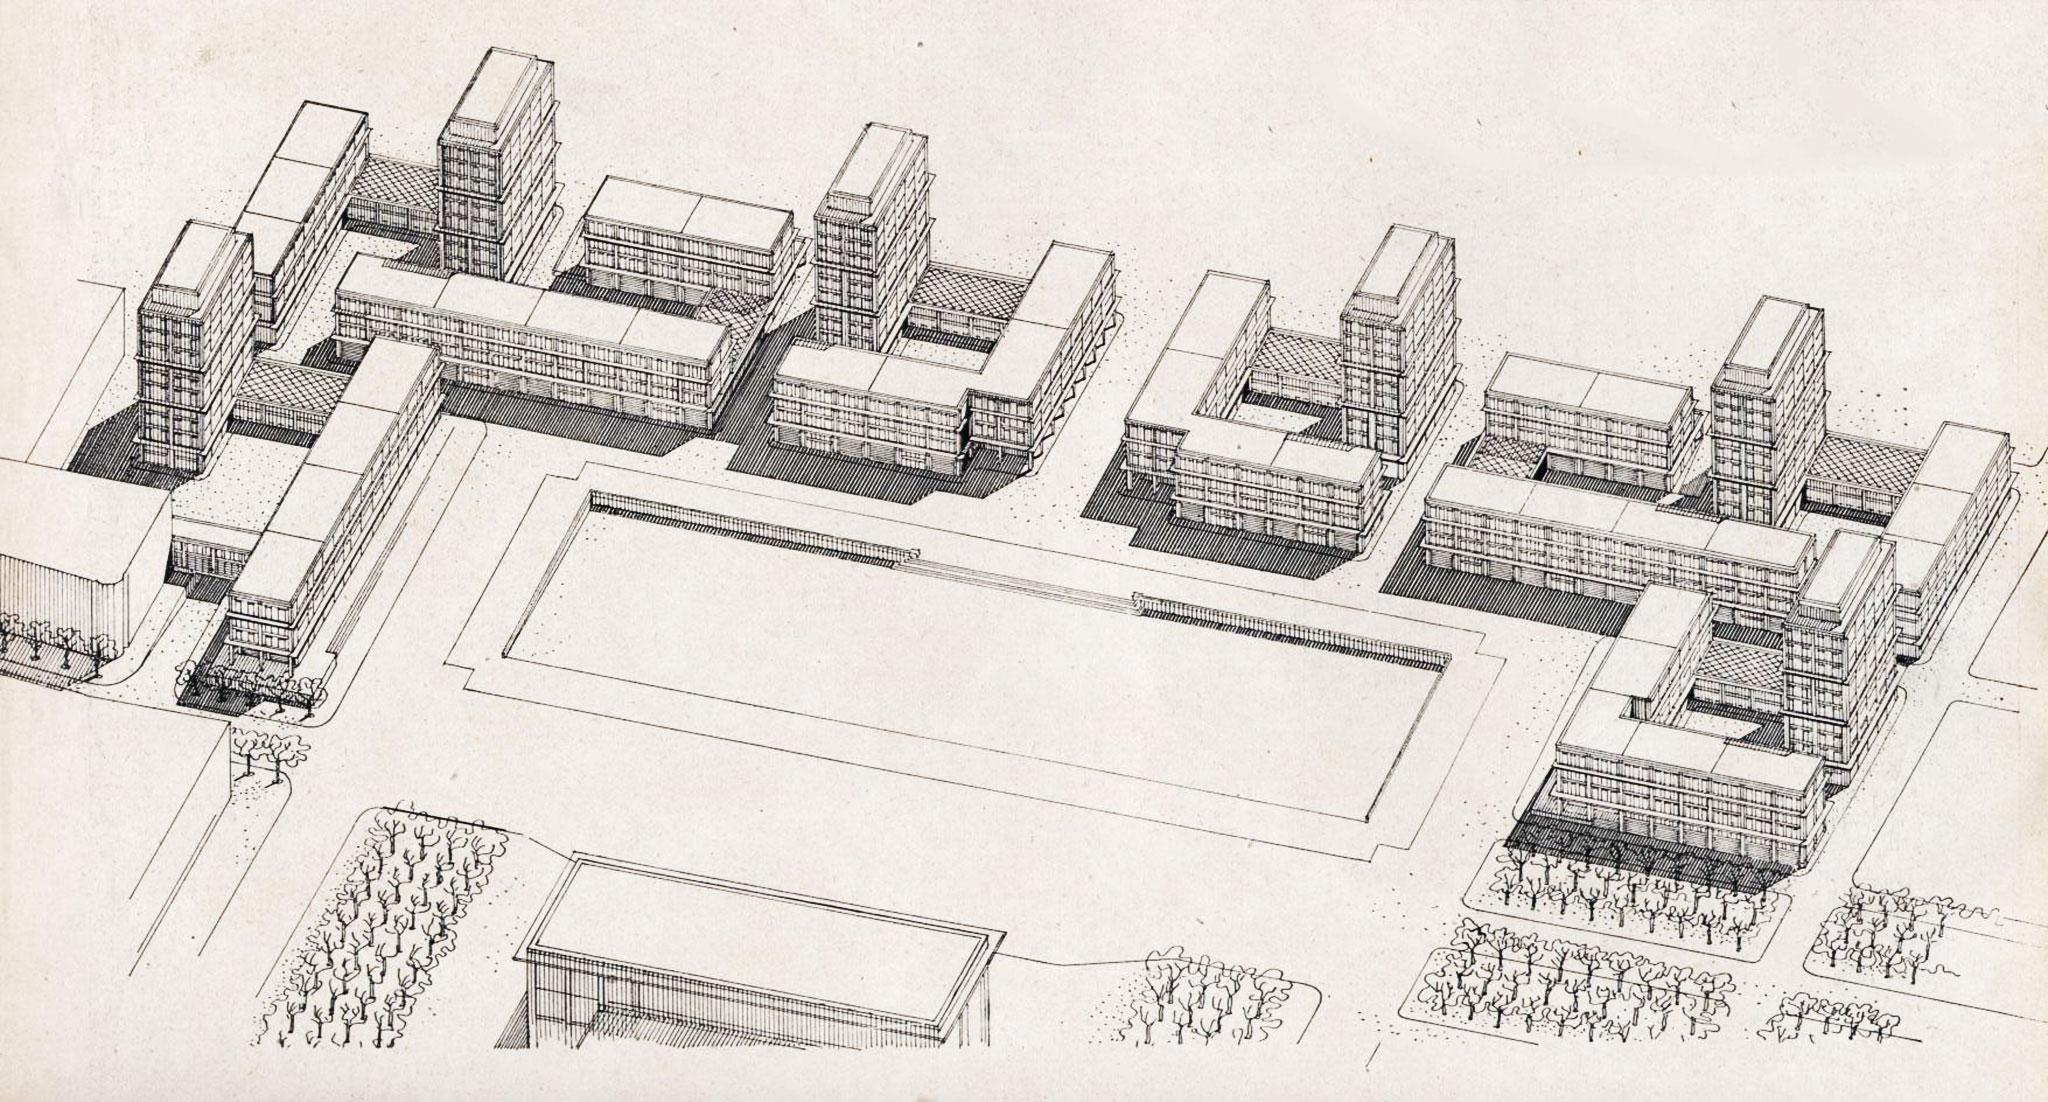 Le chantier de la reconstruction le havre for 3d architecture le havre